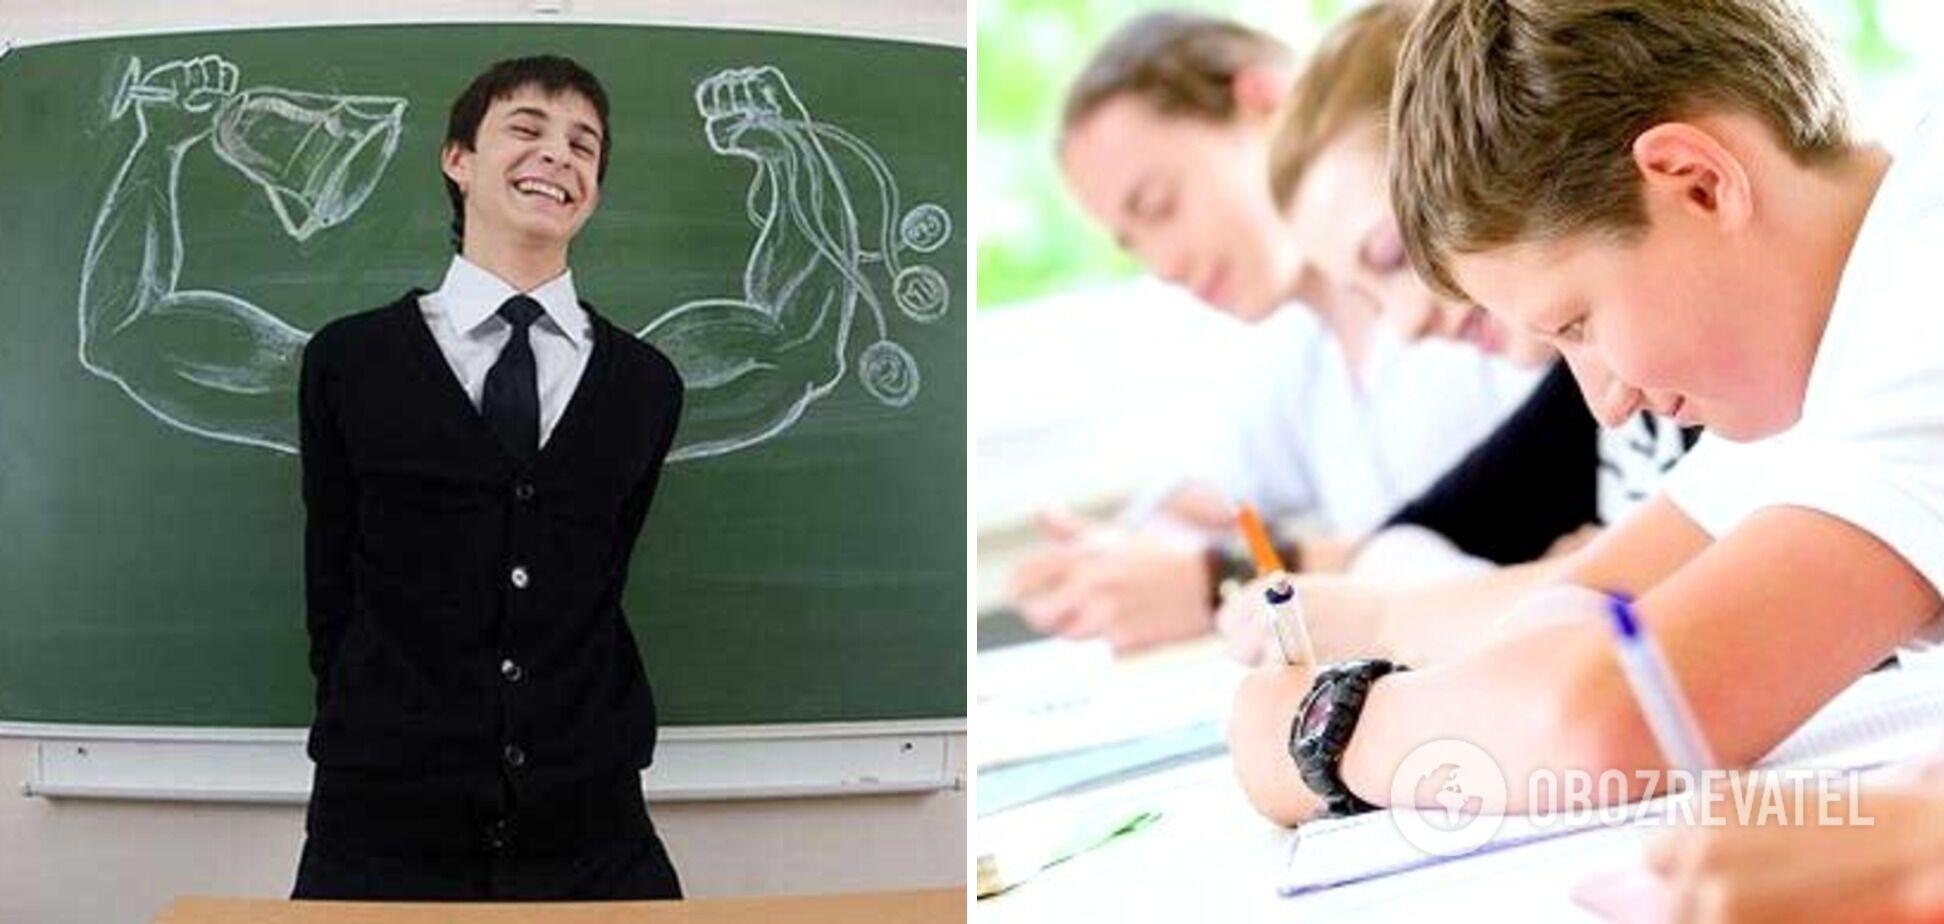 Українські школярі веселять вчителів крилатими висловами